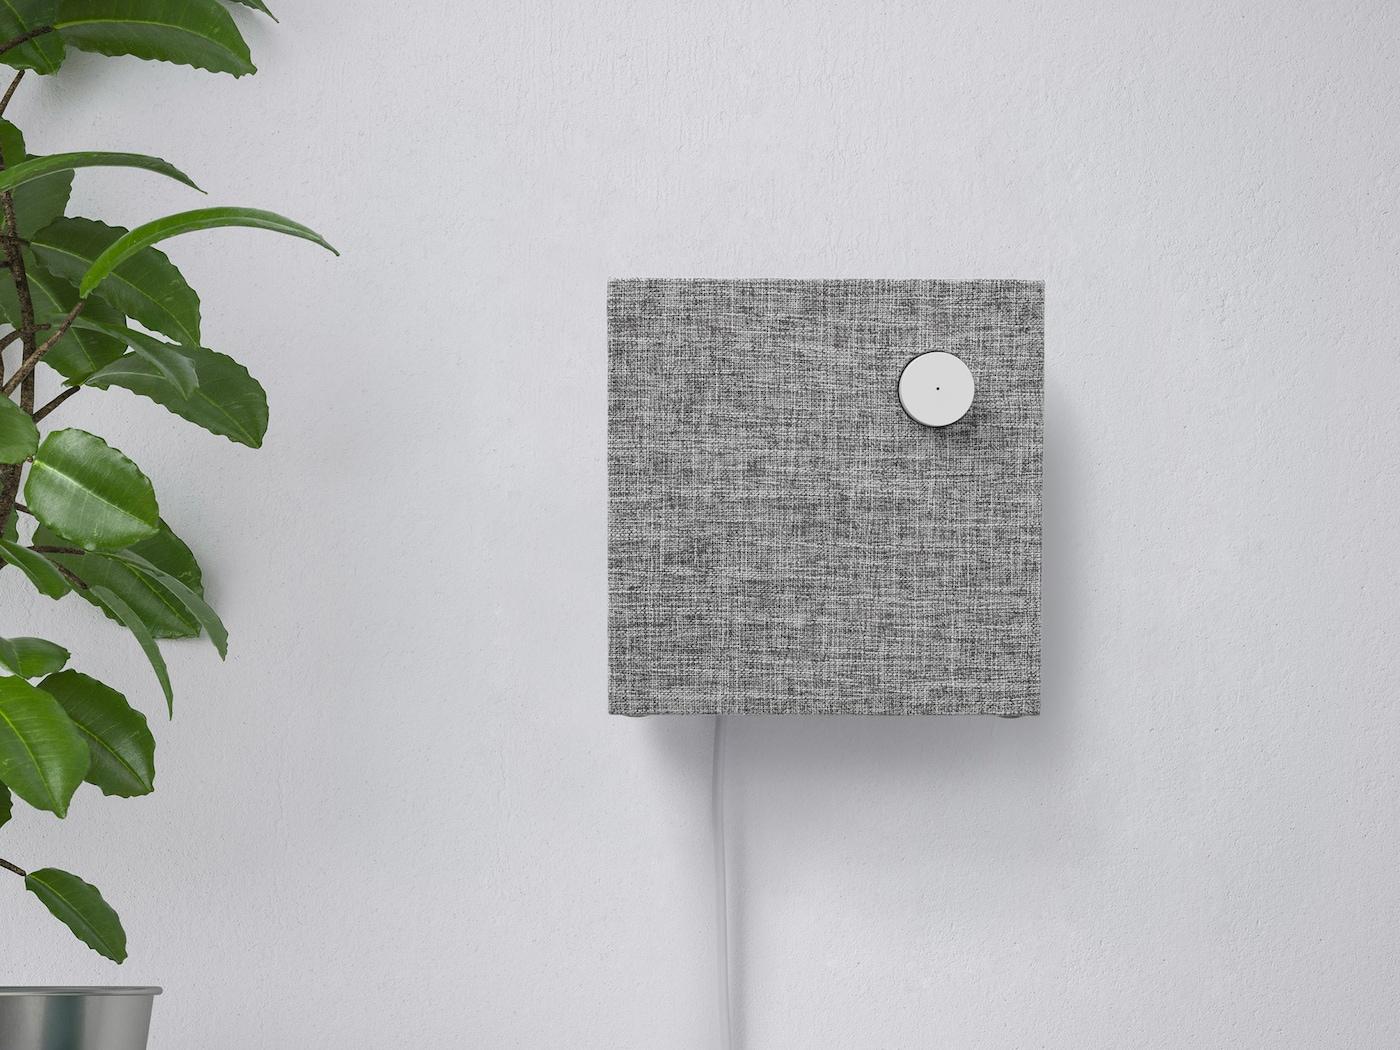 ENEBY Bluetooth zvučnik postavljen na zid na bijeloj polici pokraj zelene biljke.